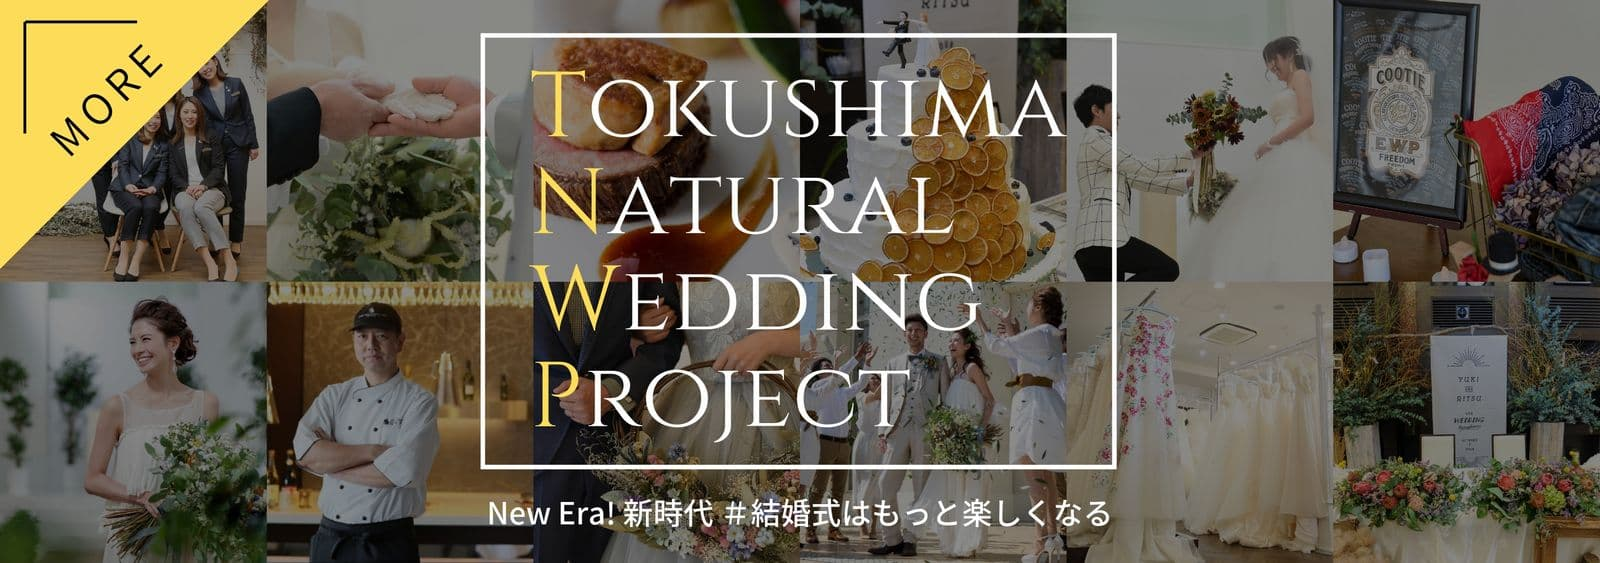 徳島市の結婚式場ブランアンジュのウエディングプロジェクト